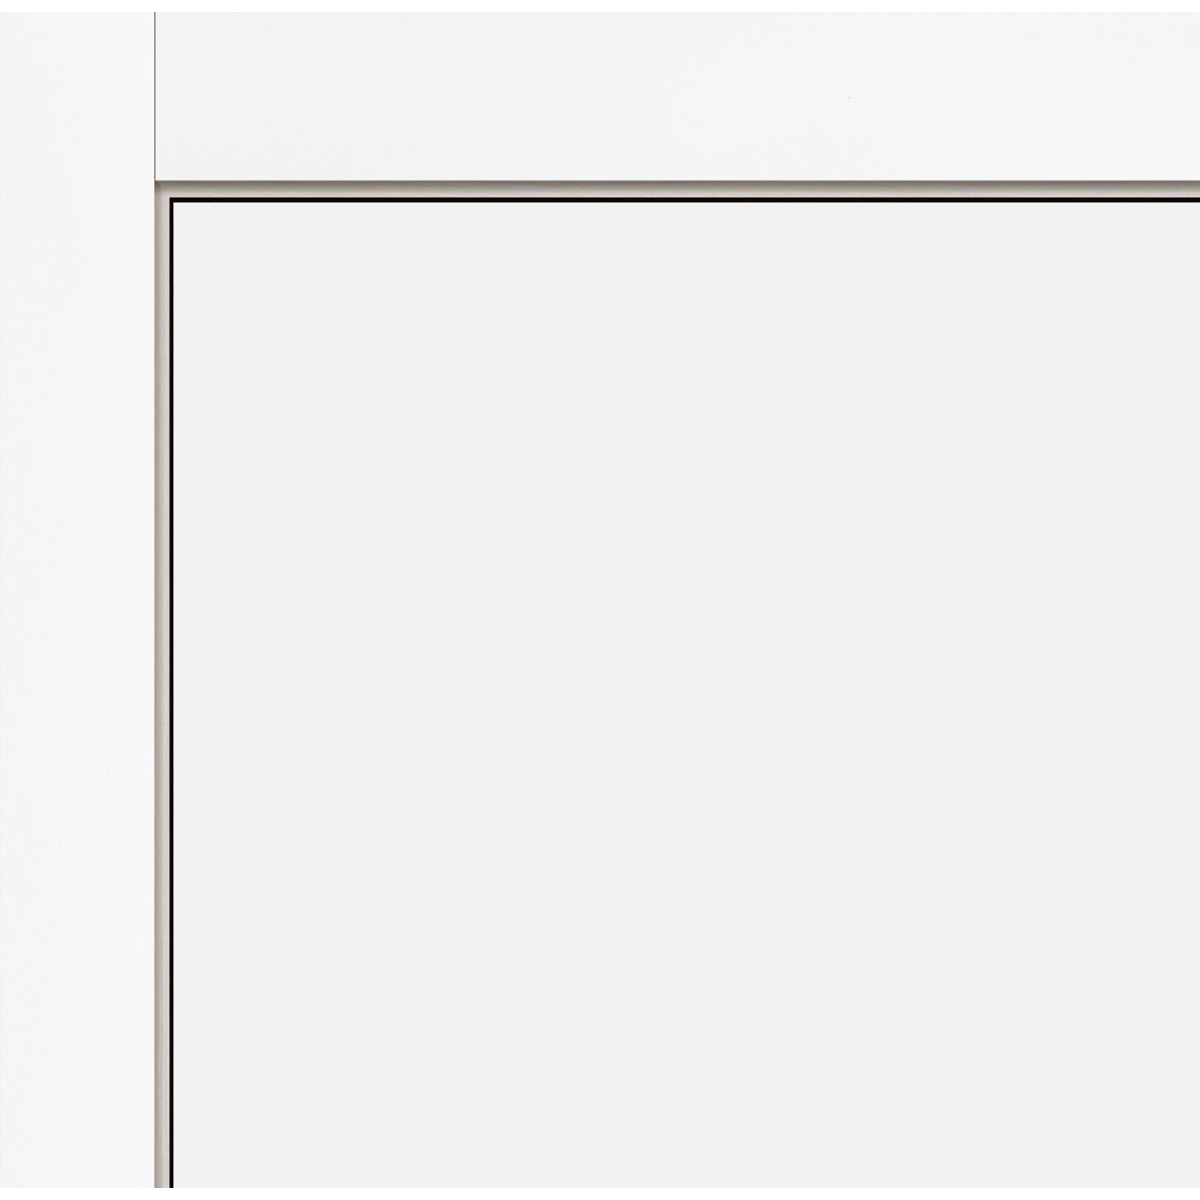 Дверь Межкомнатная Глухая С Замком В Комплекте 90x200 Эмаль Цвет Белый